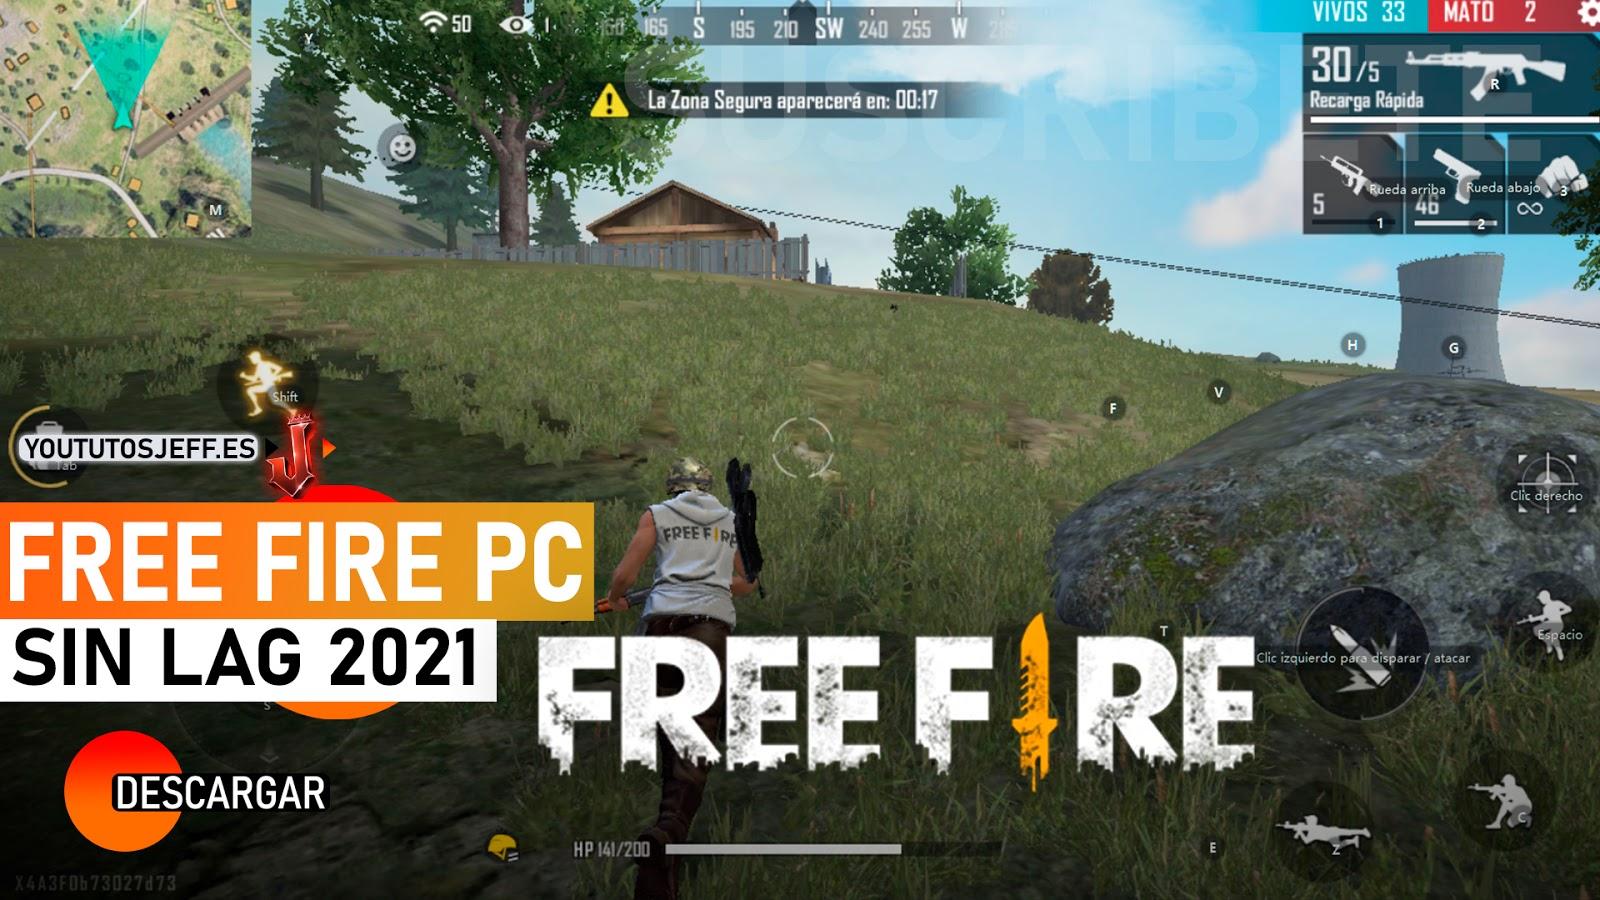 Como DESCARGAR FREE FIRE para PC 2021 SIN LAG